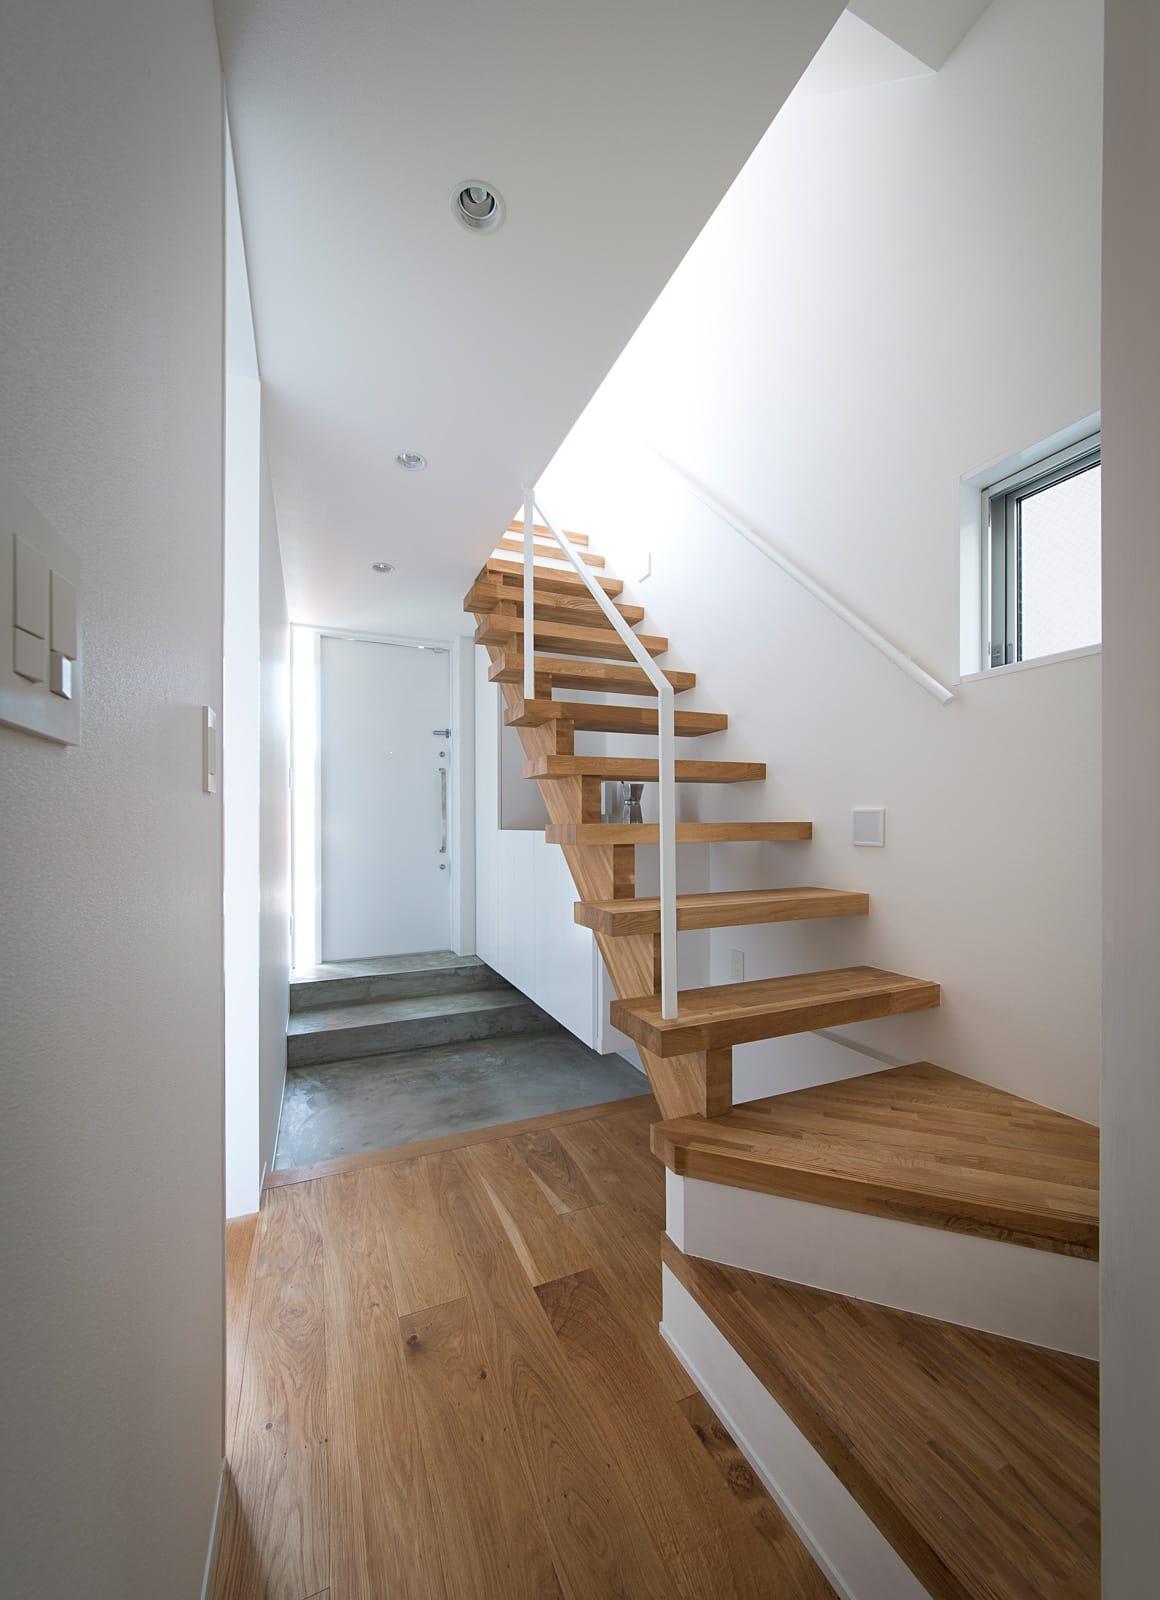 Wテラスハウスの階段(木製)1